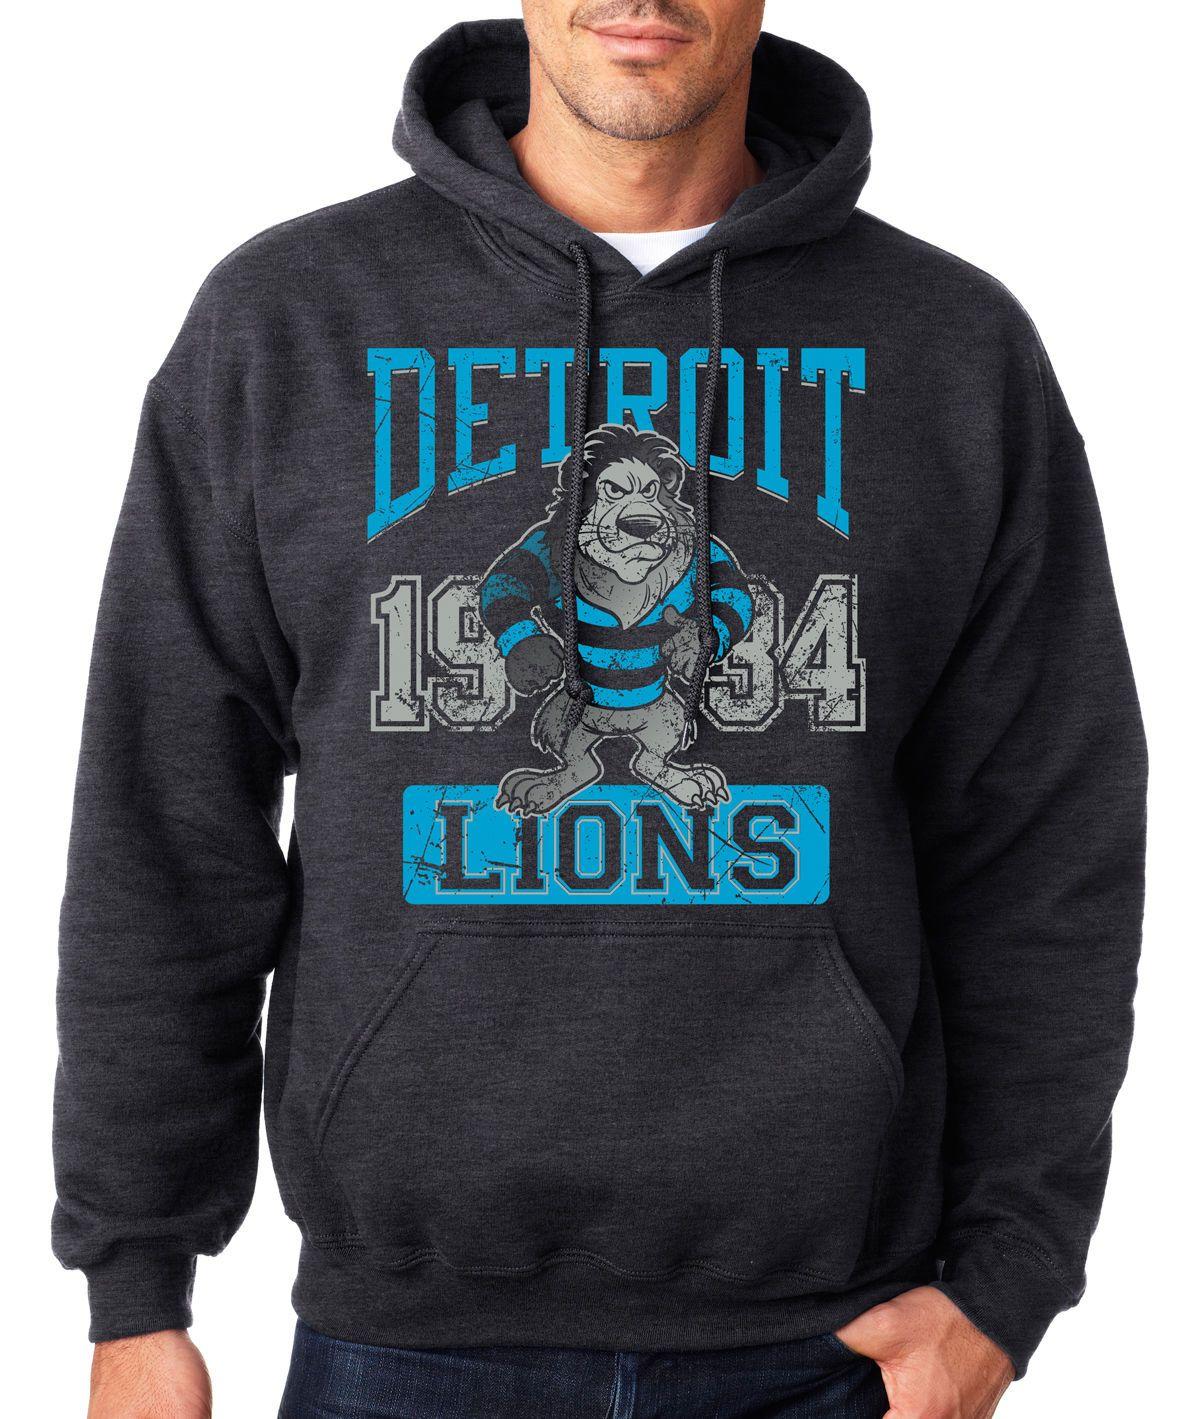 d539d505 Details about VINTAGE DETROIT LIONS HOODIE Hooded Sweatshirt NFL ...